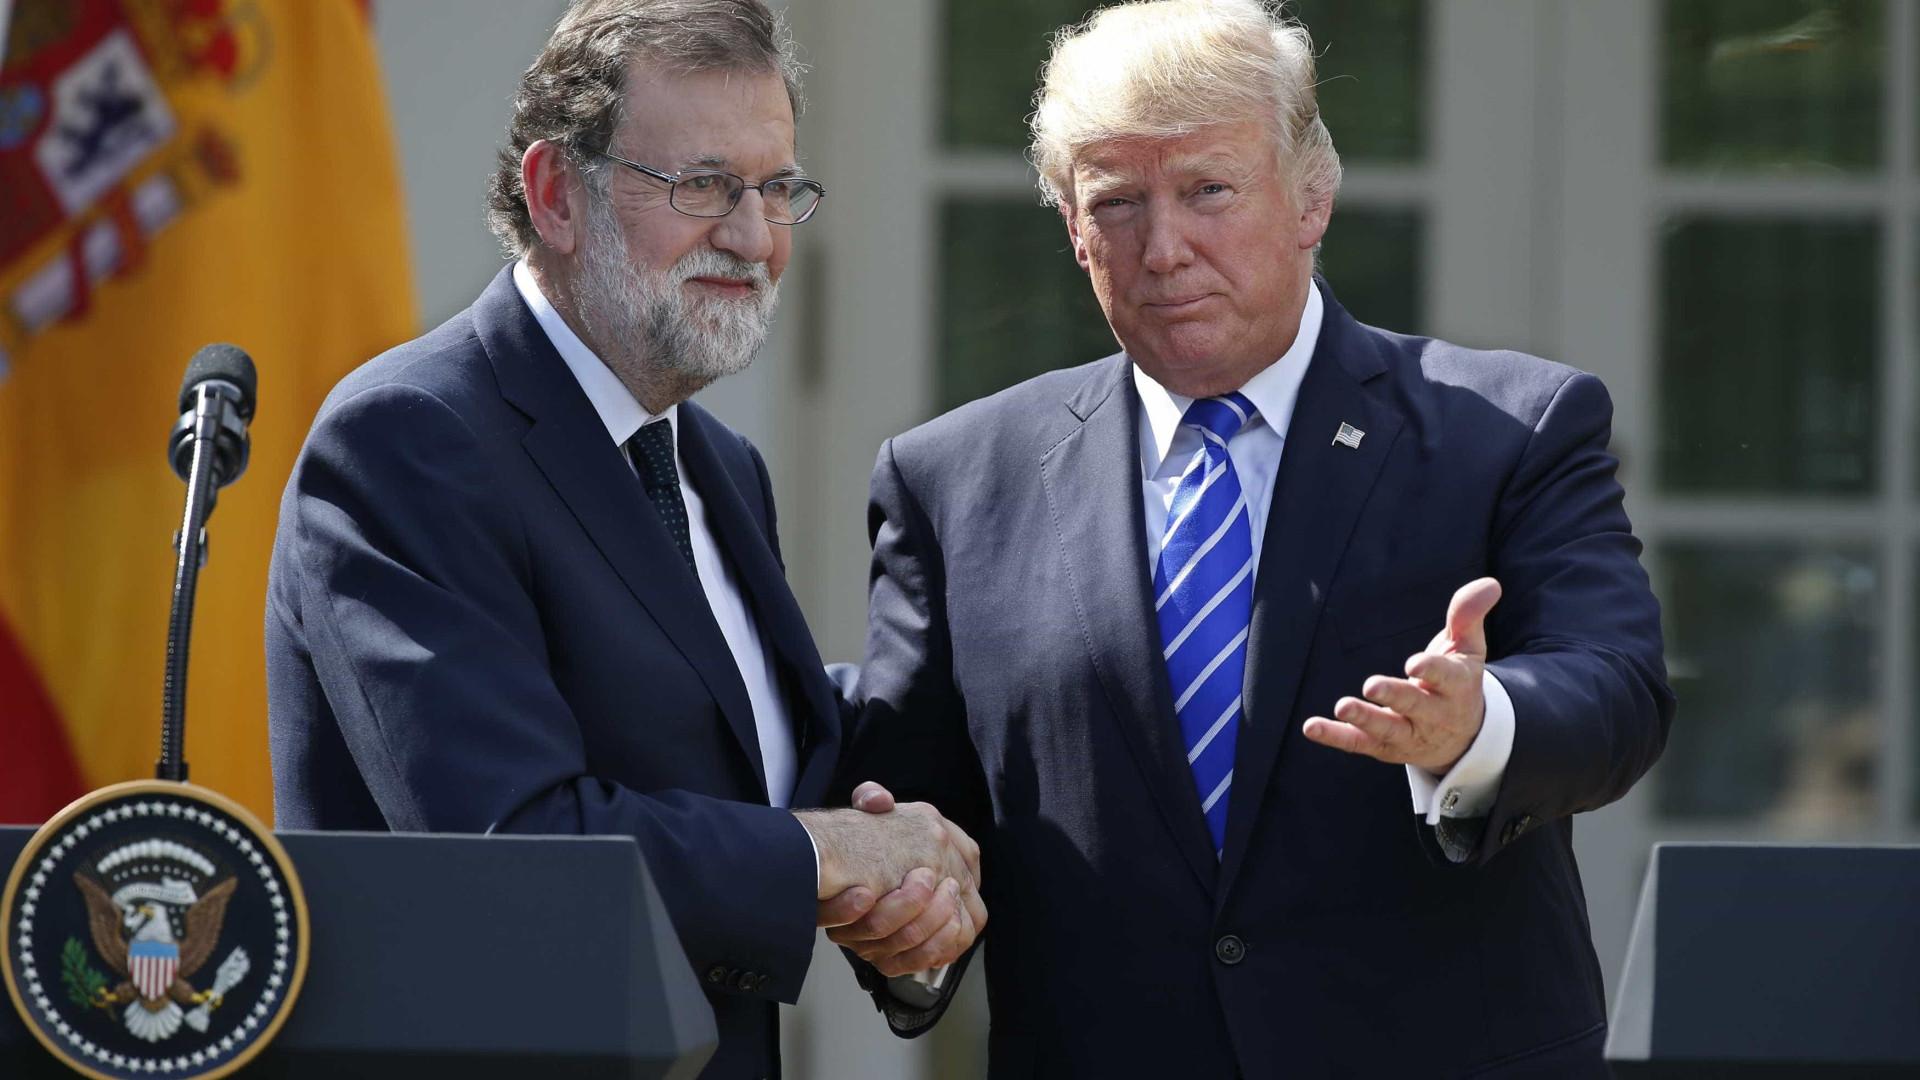 Pedido de sanções de Trump e Rajoy para UE foi vergonhosa — Venezuela